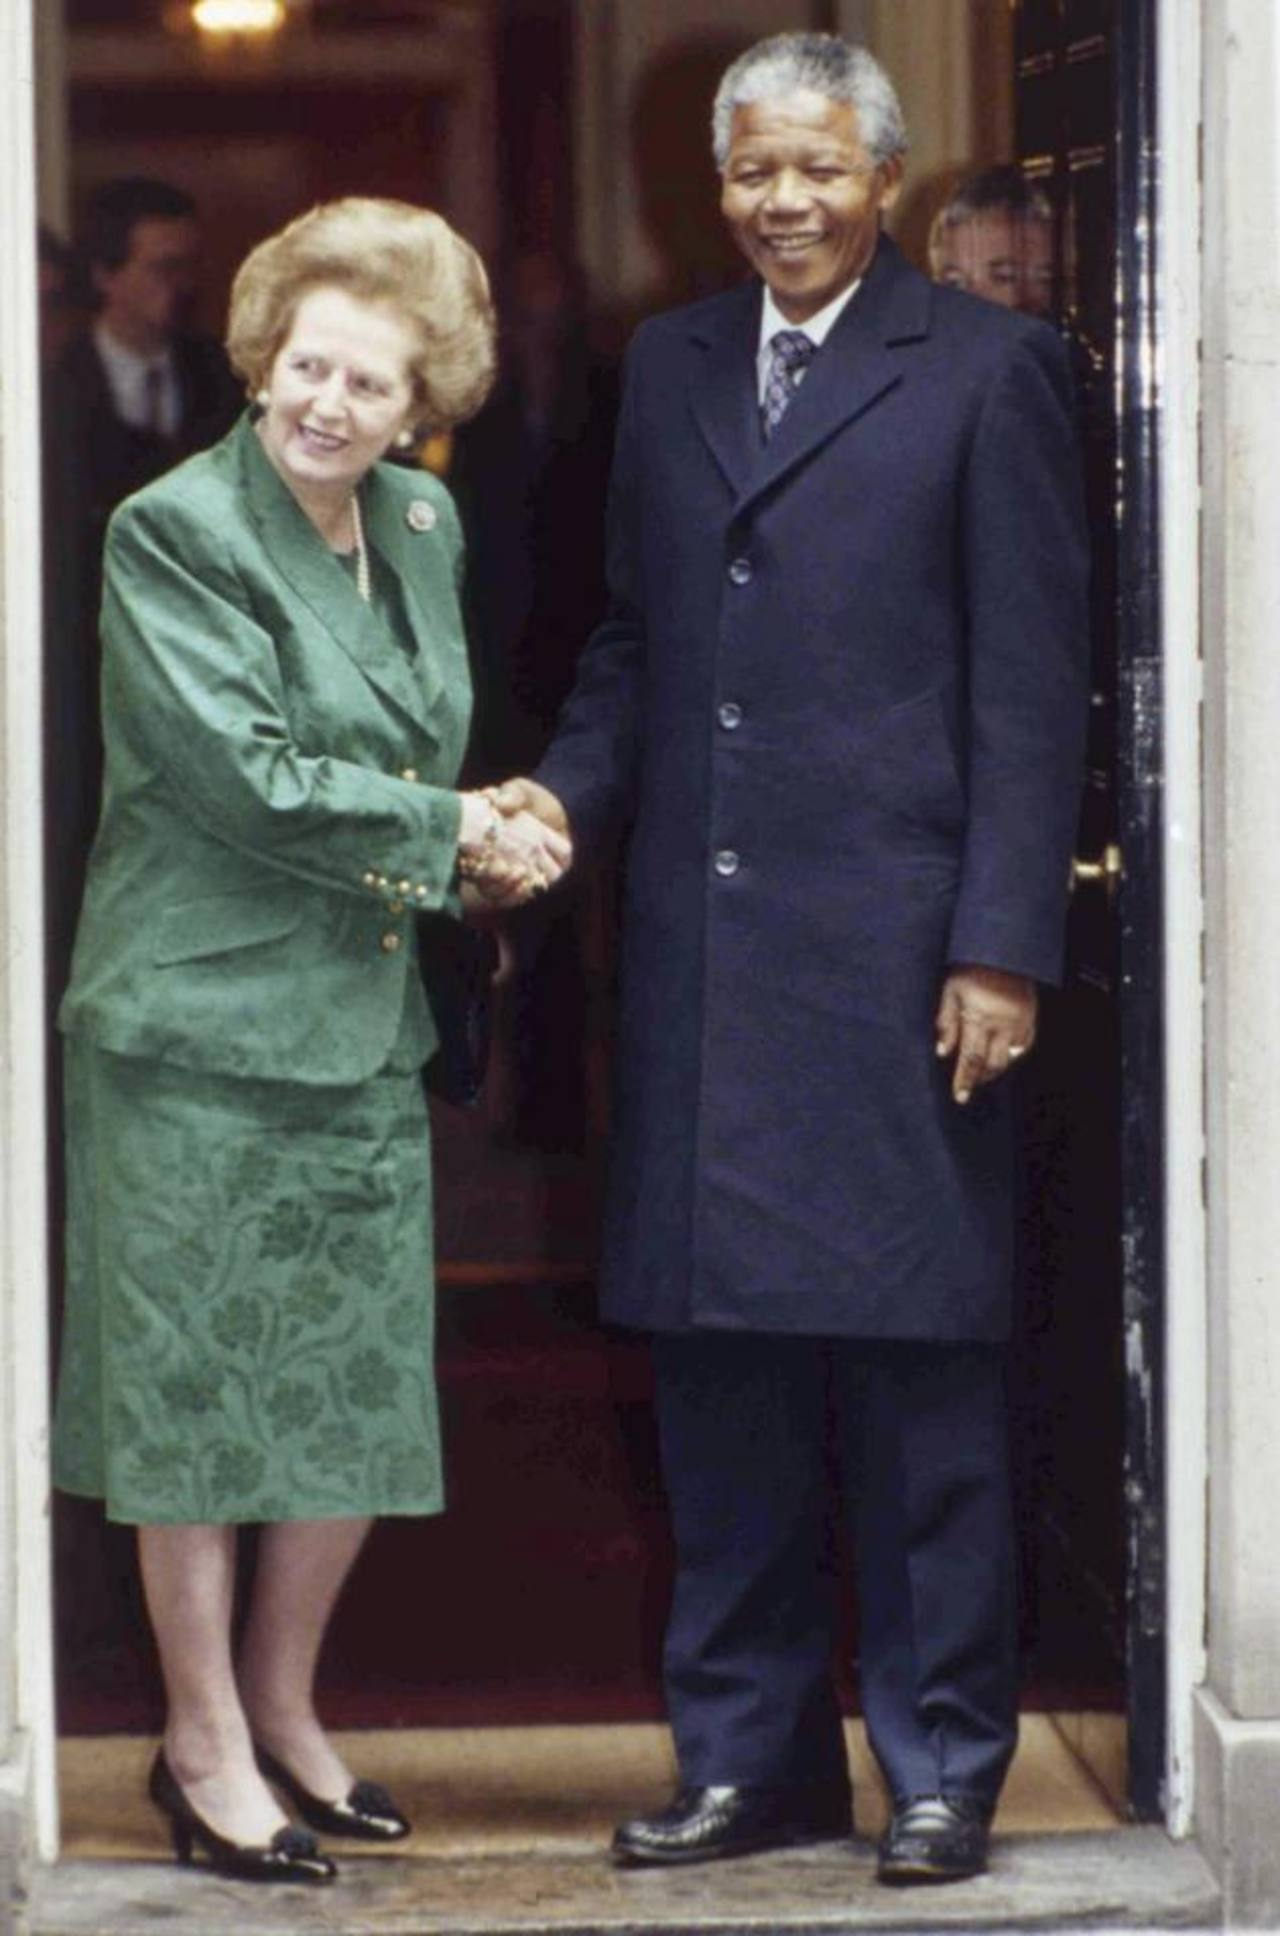 """Julio de 1990. La primera ministra británica Margaret Thatcher estrecha la mano de Mandela, tras una reunión en Londres. Muchos creen que ella ayudó a poner fin al """"apartheid"""". edh /archivo"""